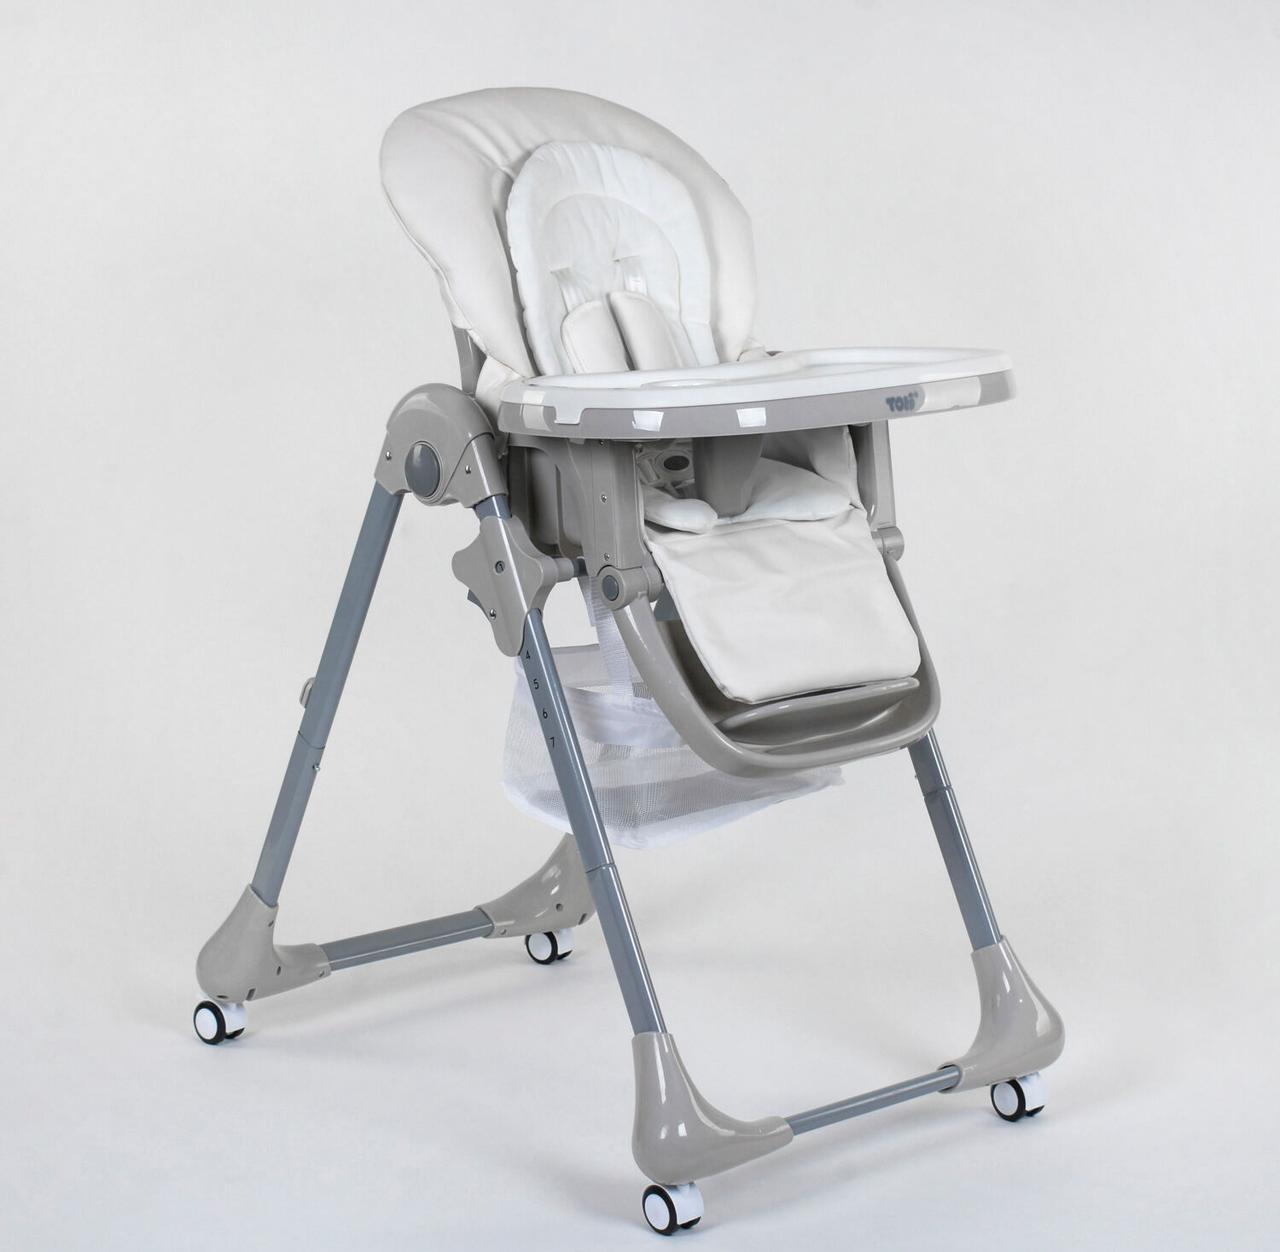 Стульчик для кормления Toti CB-4018, мягкий вкладыш, 4 колеса, съемный столик